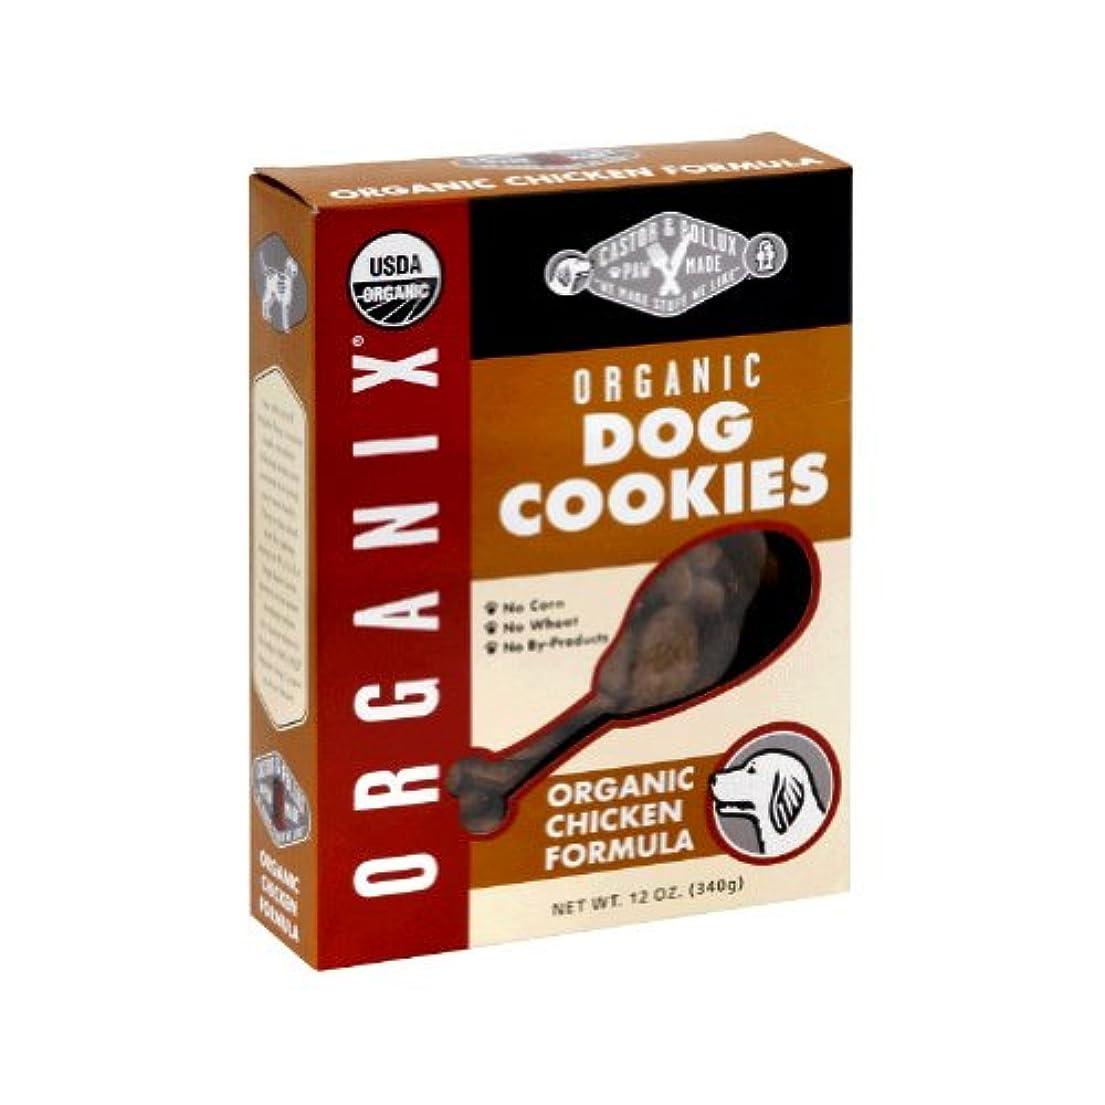 一次コンチネンタル是正するCASTER&POLLUX  オーガニックドッグクッキー チキン 340g